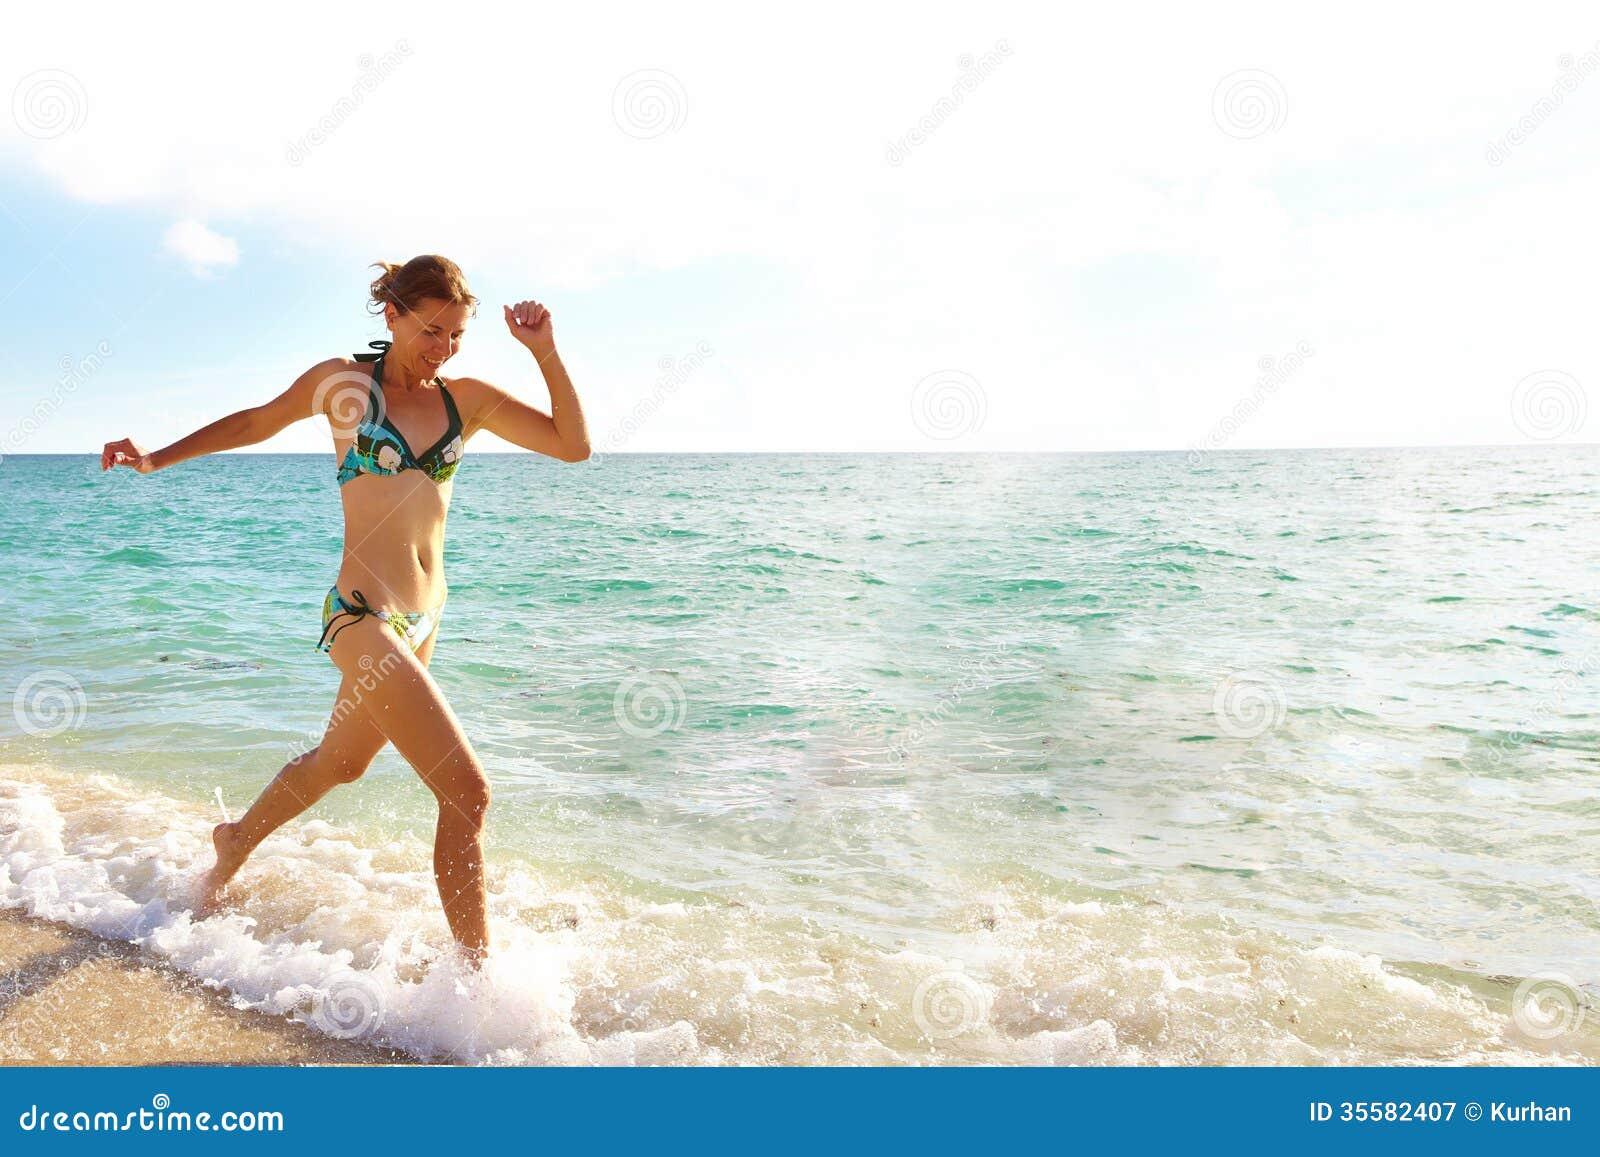 Glückliche Frau auf Miami Beach.